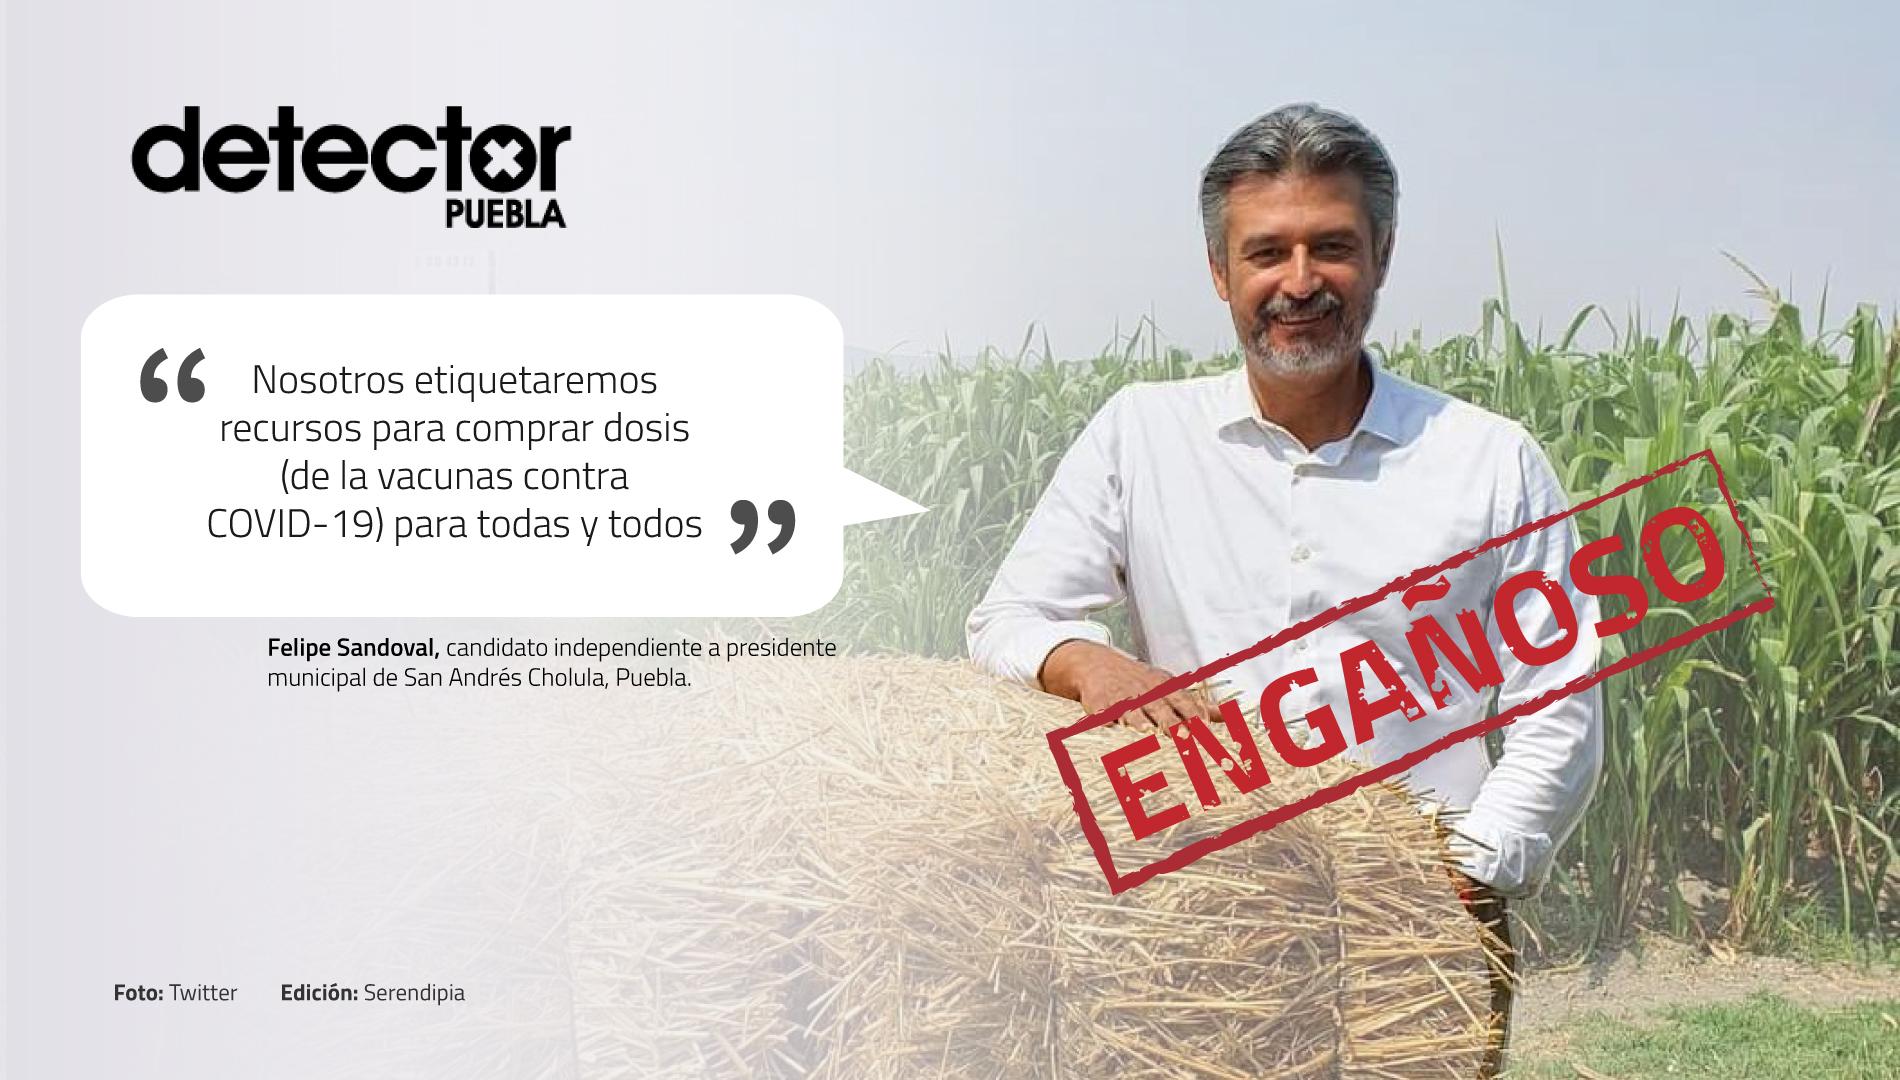 Felipe Sandoval comprar vacunas contra COVID-19